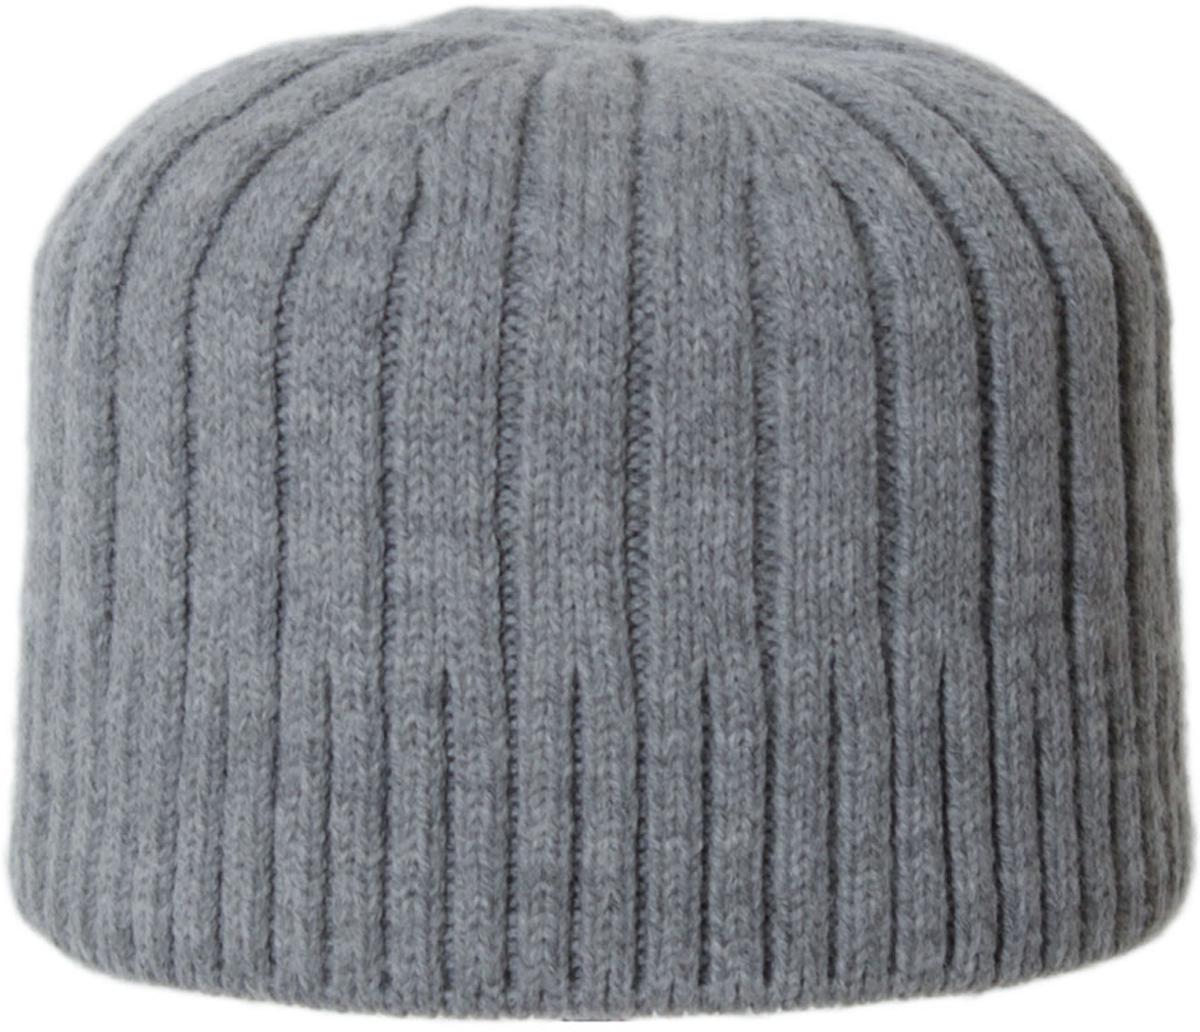 Шапка5-012Вязаная мужская шапка Leighton отлично подойдет для повседневной носки и активного отдыха в холодное время года. Быстро выводит влагу от тела, оставляя изделие сухим. Шапка подарит ощущение тепла и комфорта в прохладный день. Сочетание шерсти и акрила максимально сохраняет тепло и обеспечивает удобную посадку, невероятную легкость и мягкость. Стильная шапка Leighton подчеркнет ваш неповторимый стиль и индивидуальность. Такая модель составит идеальный комплект с модной верхней одеждой, в ней вам будет уютно и тепло. Уважаемые клиенты! Размер, доступный для заказа, является обхватом головы.